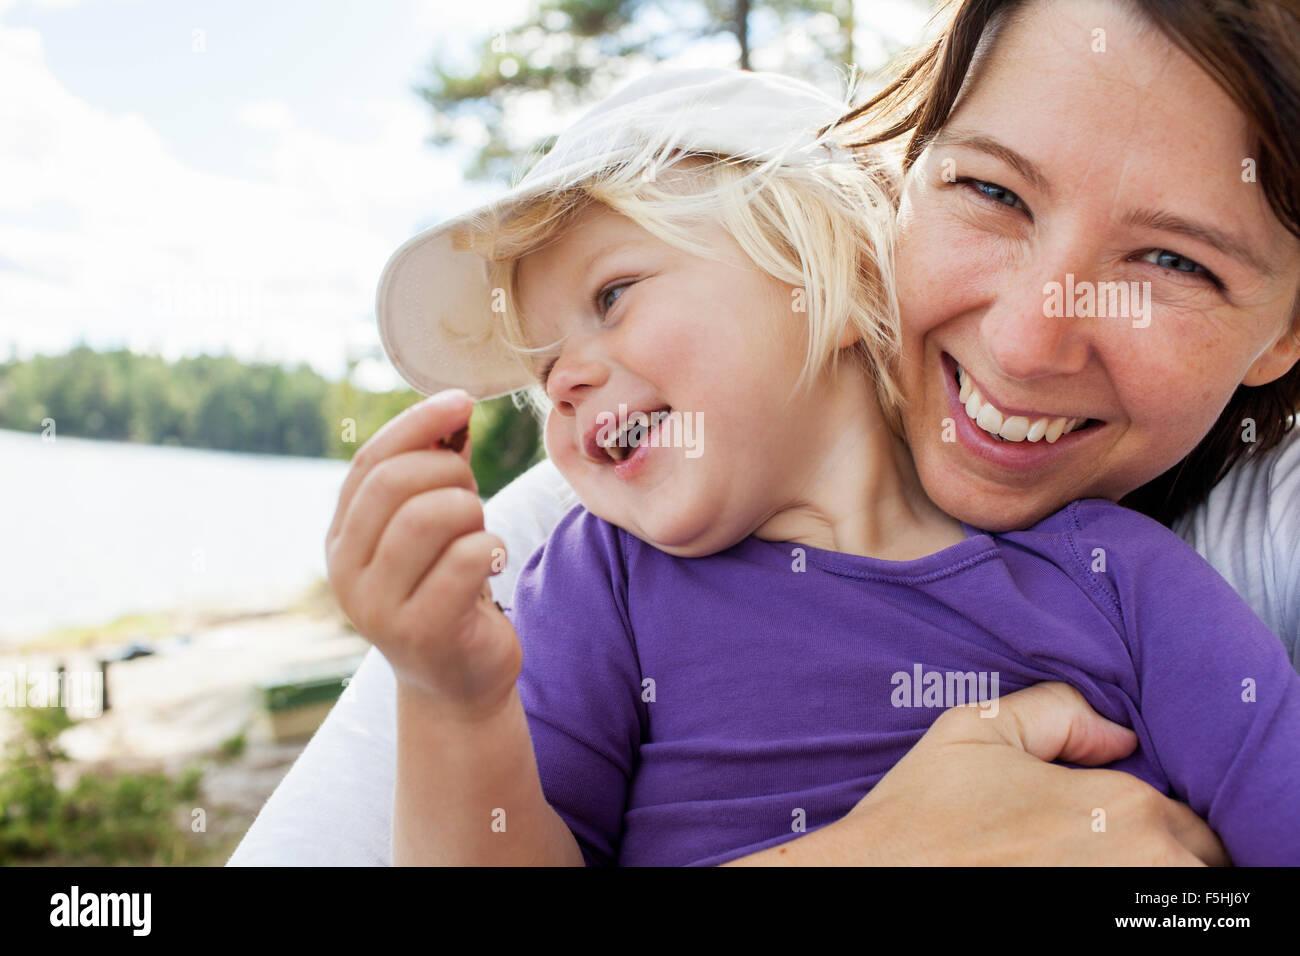 Suecia, Vattlefjall Vastergotland, reserva natural, madre sosteniendo hija (2-3) Imagen De Stock